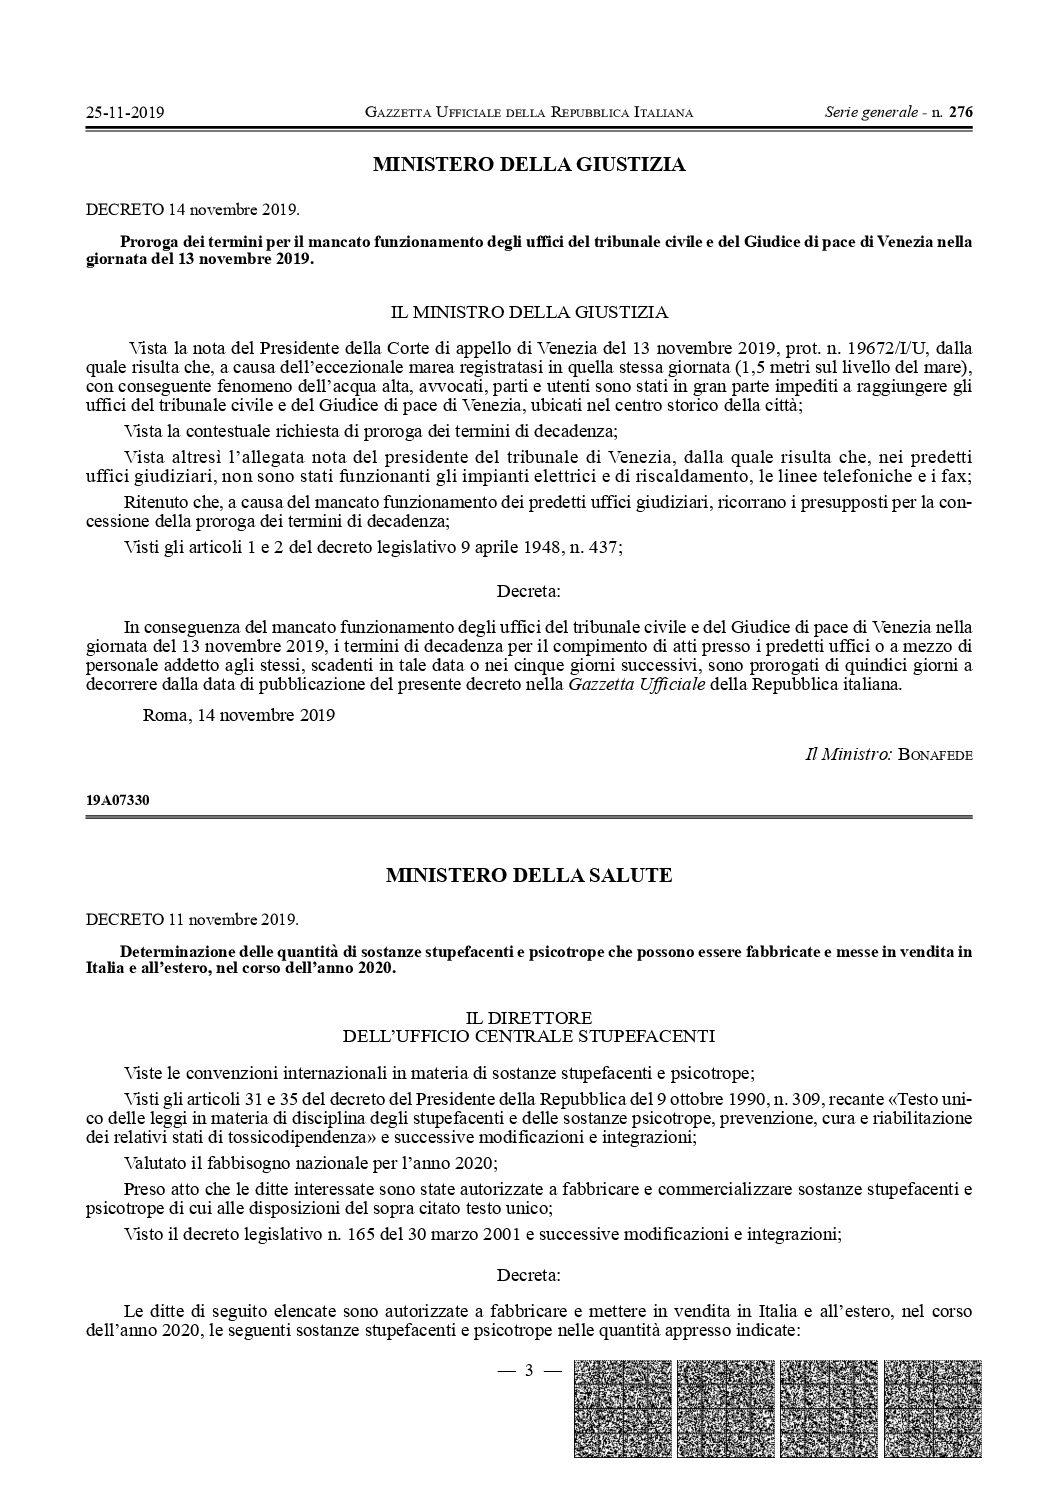 CANNABIS AD USO TERAPEUTICO- pubblicato sulla gazzetta ufficiale il Decreto 11 novembre 2019